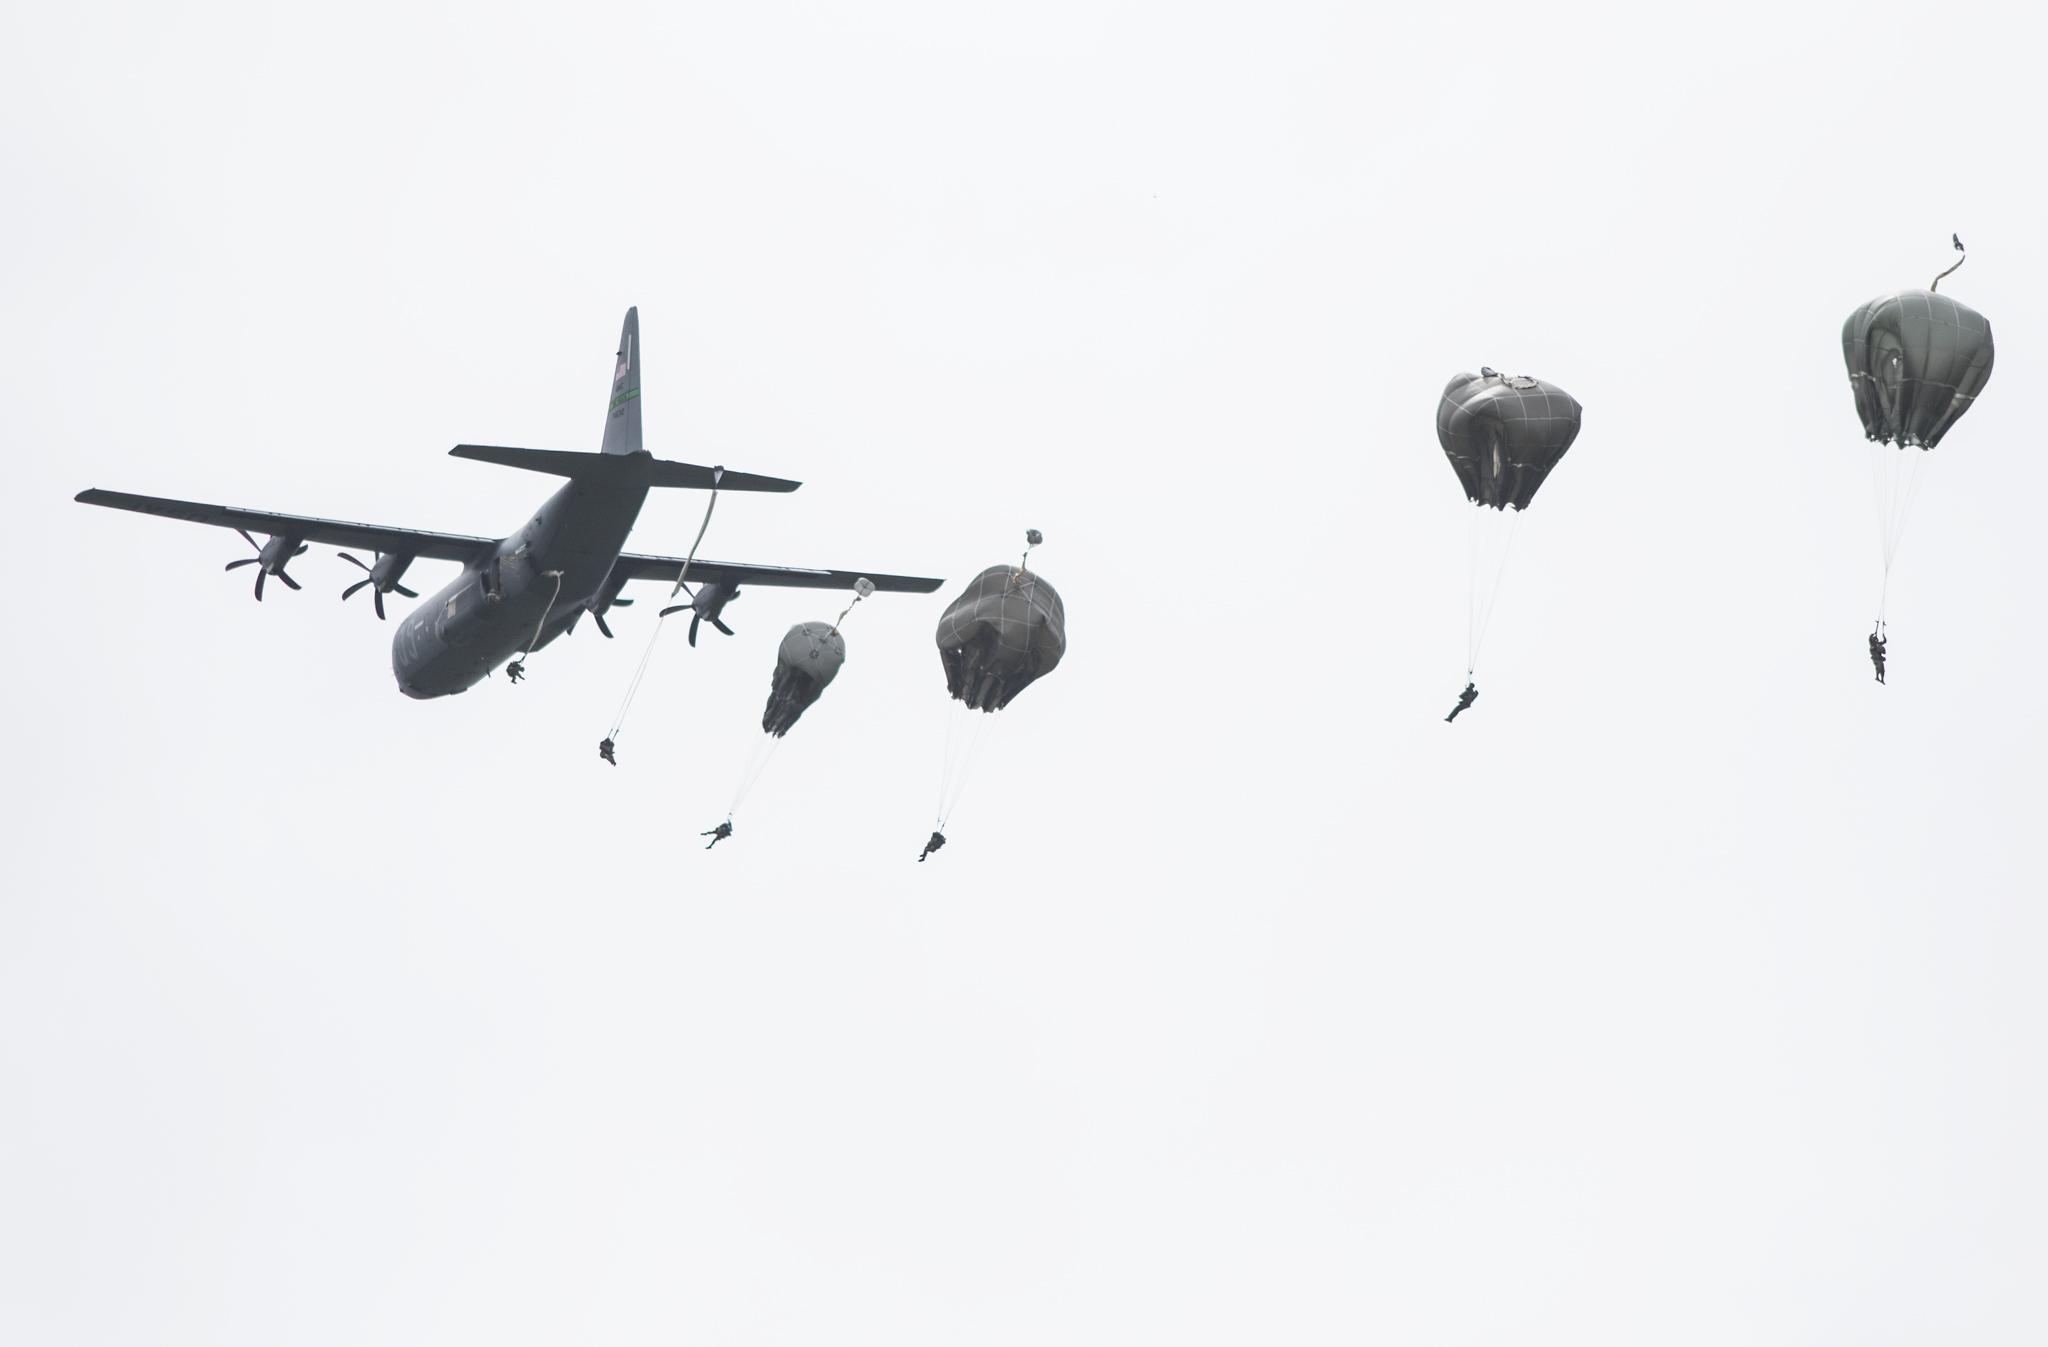 Ein amerikanisches Flugzeug über dem Flugplatz in Lessay